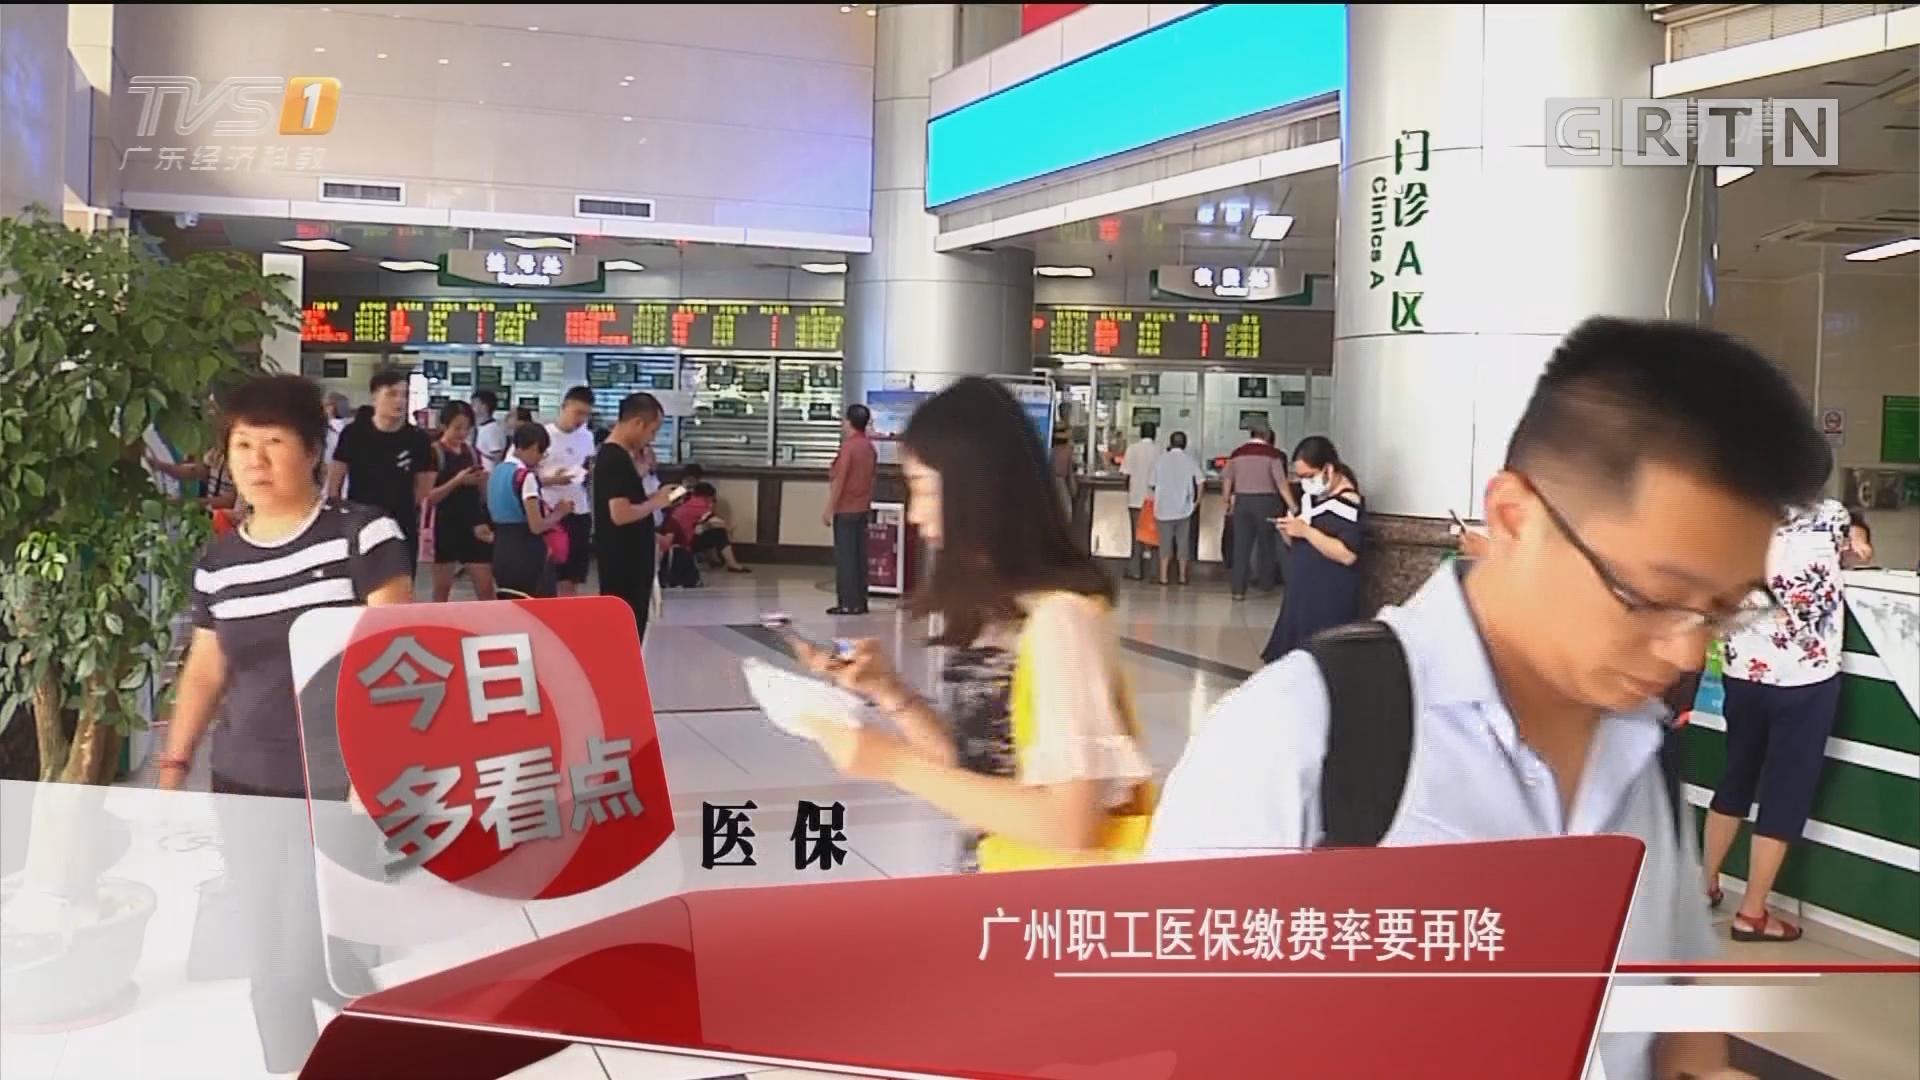 医保:广州职工医保缴费率要再降